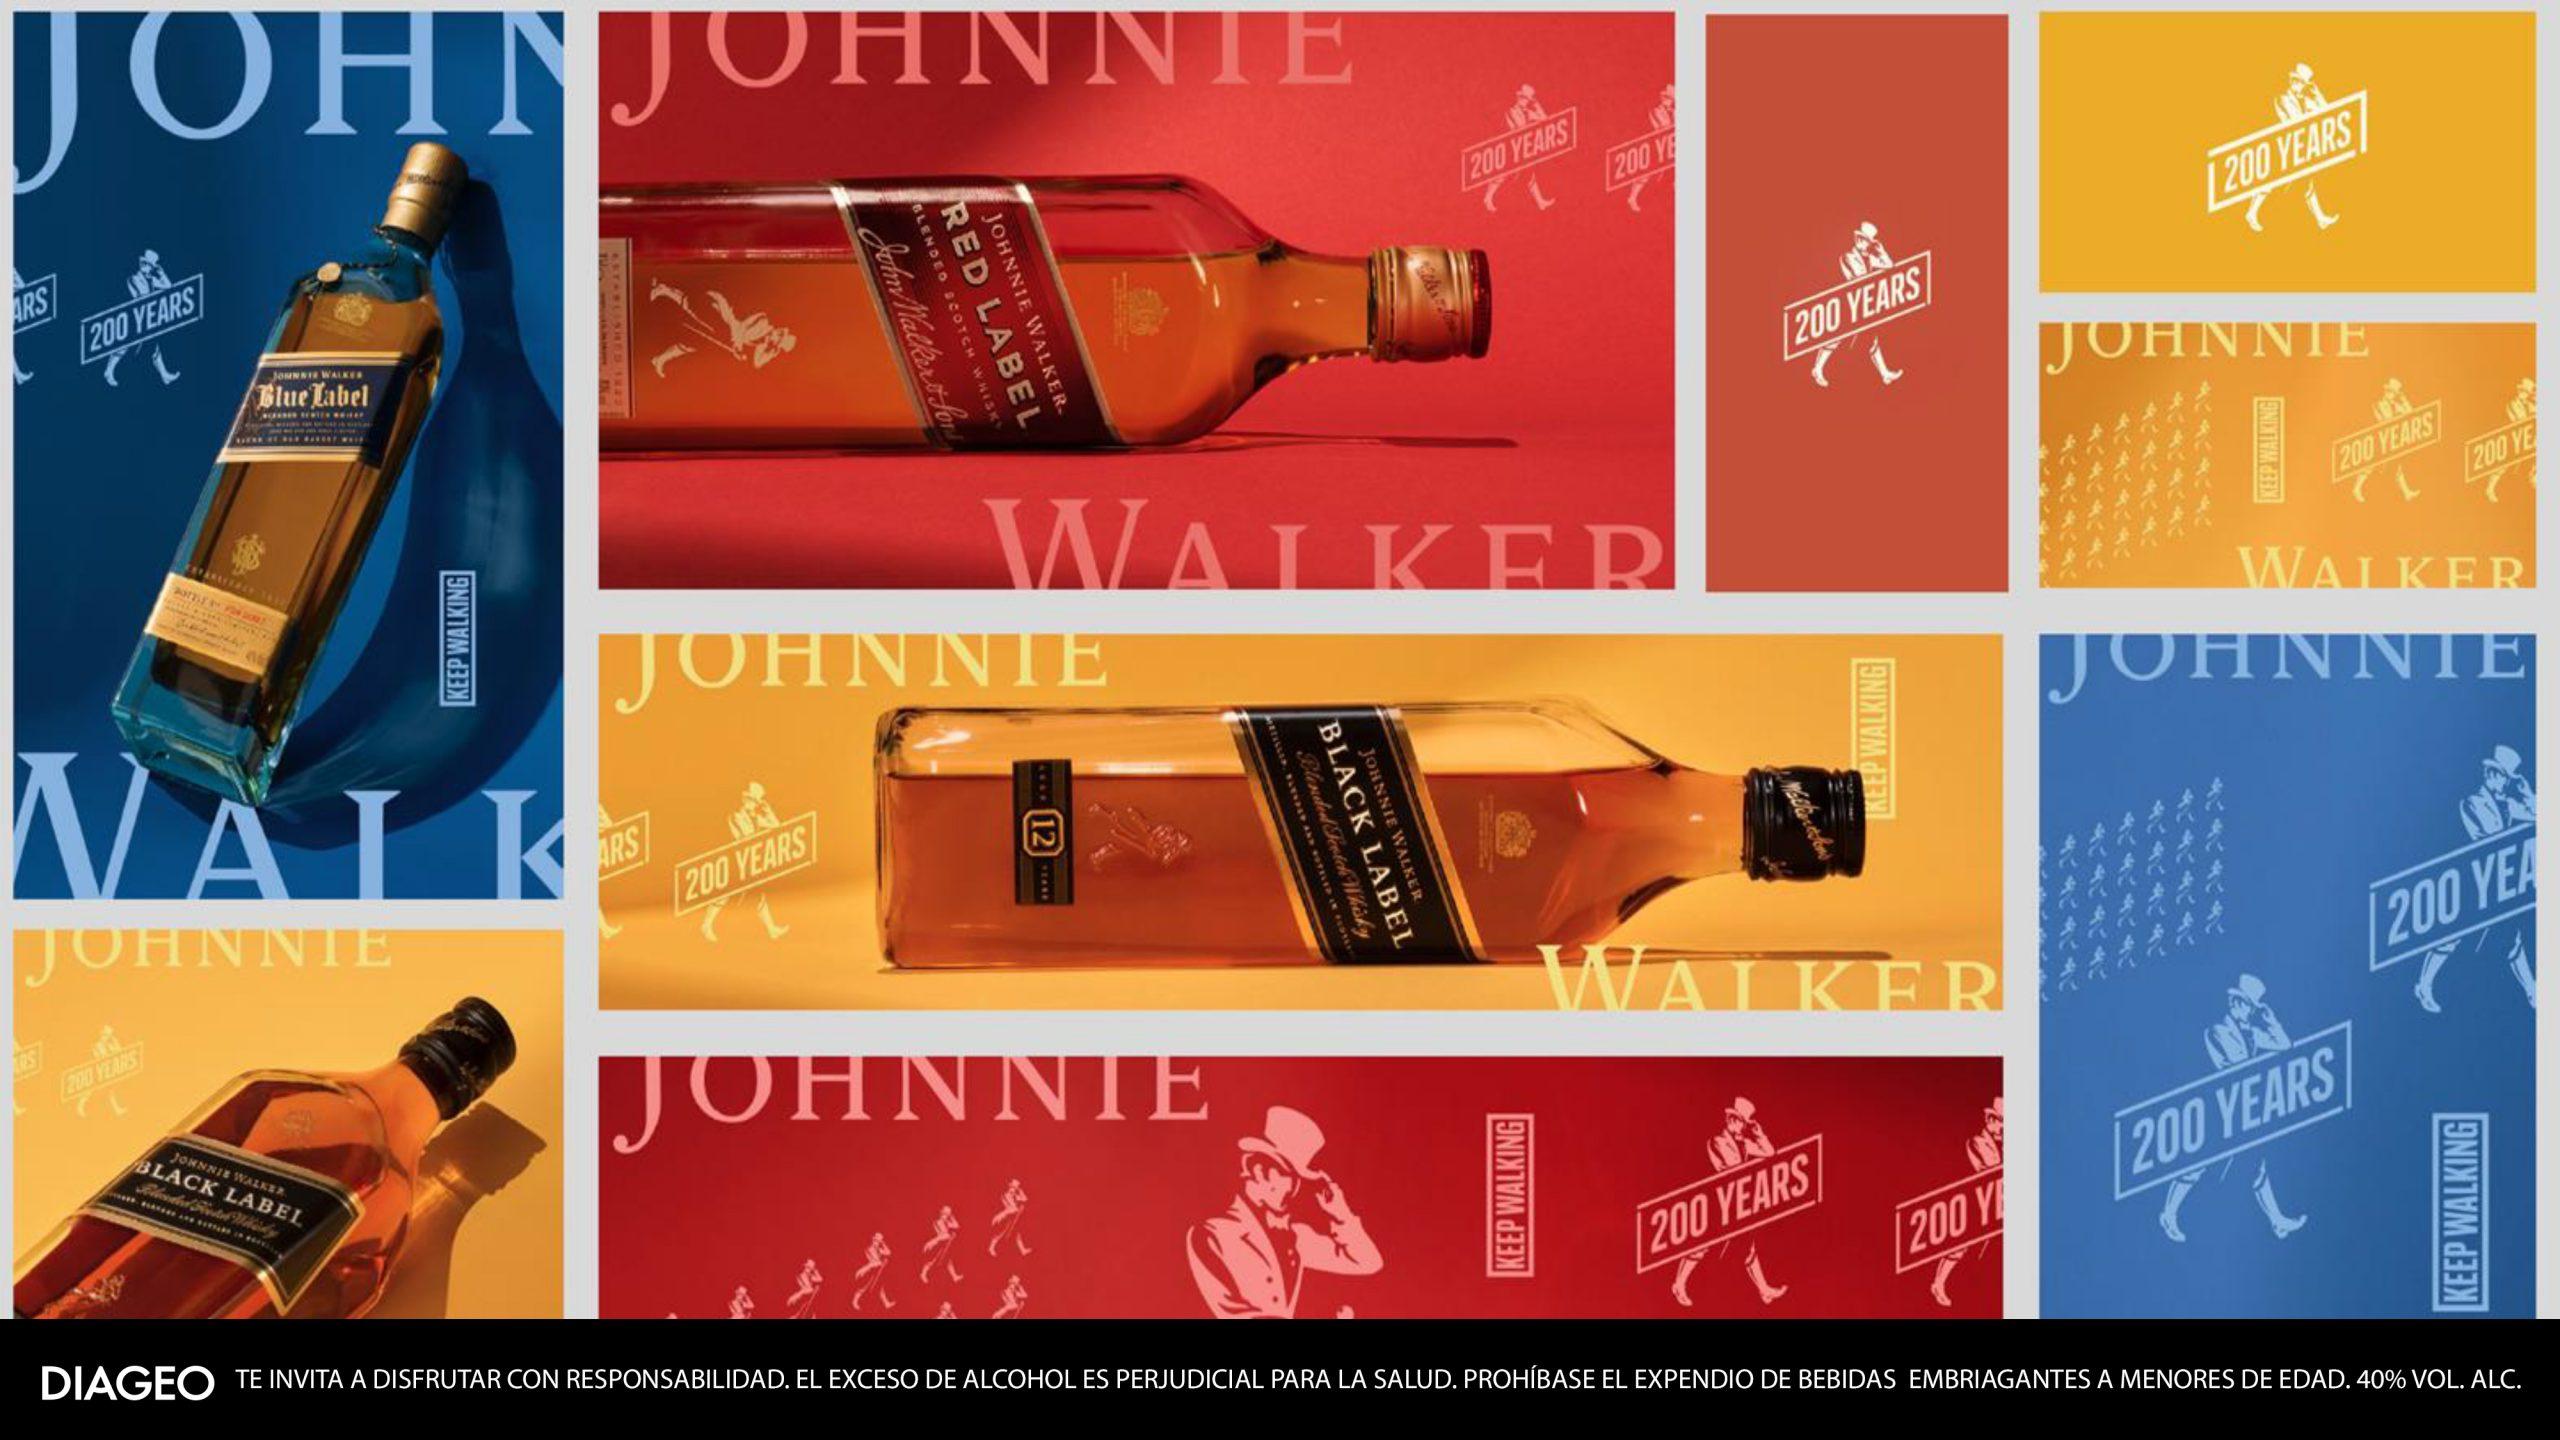 Johnnie Walker cumple 200 años caminando hacia adelante y así será su celebración  @johnniewalker_